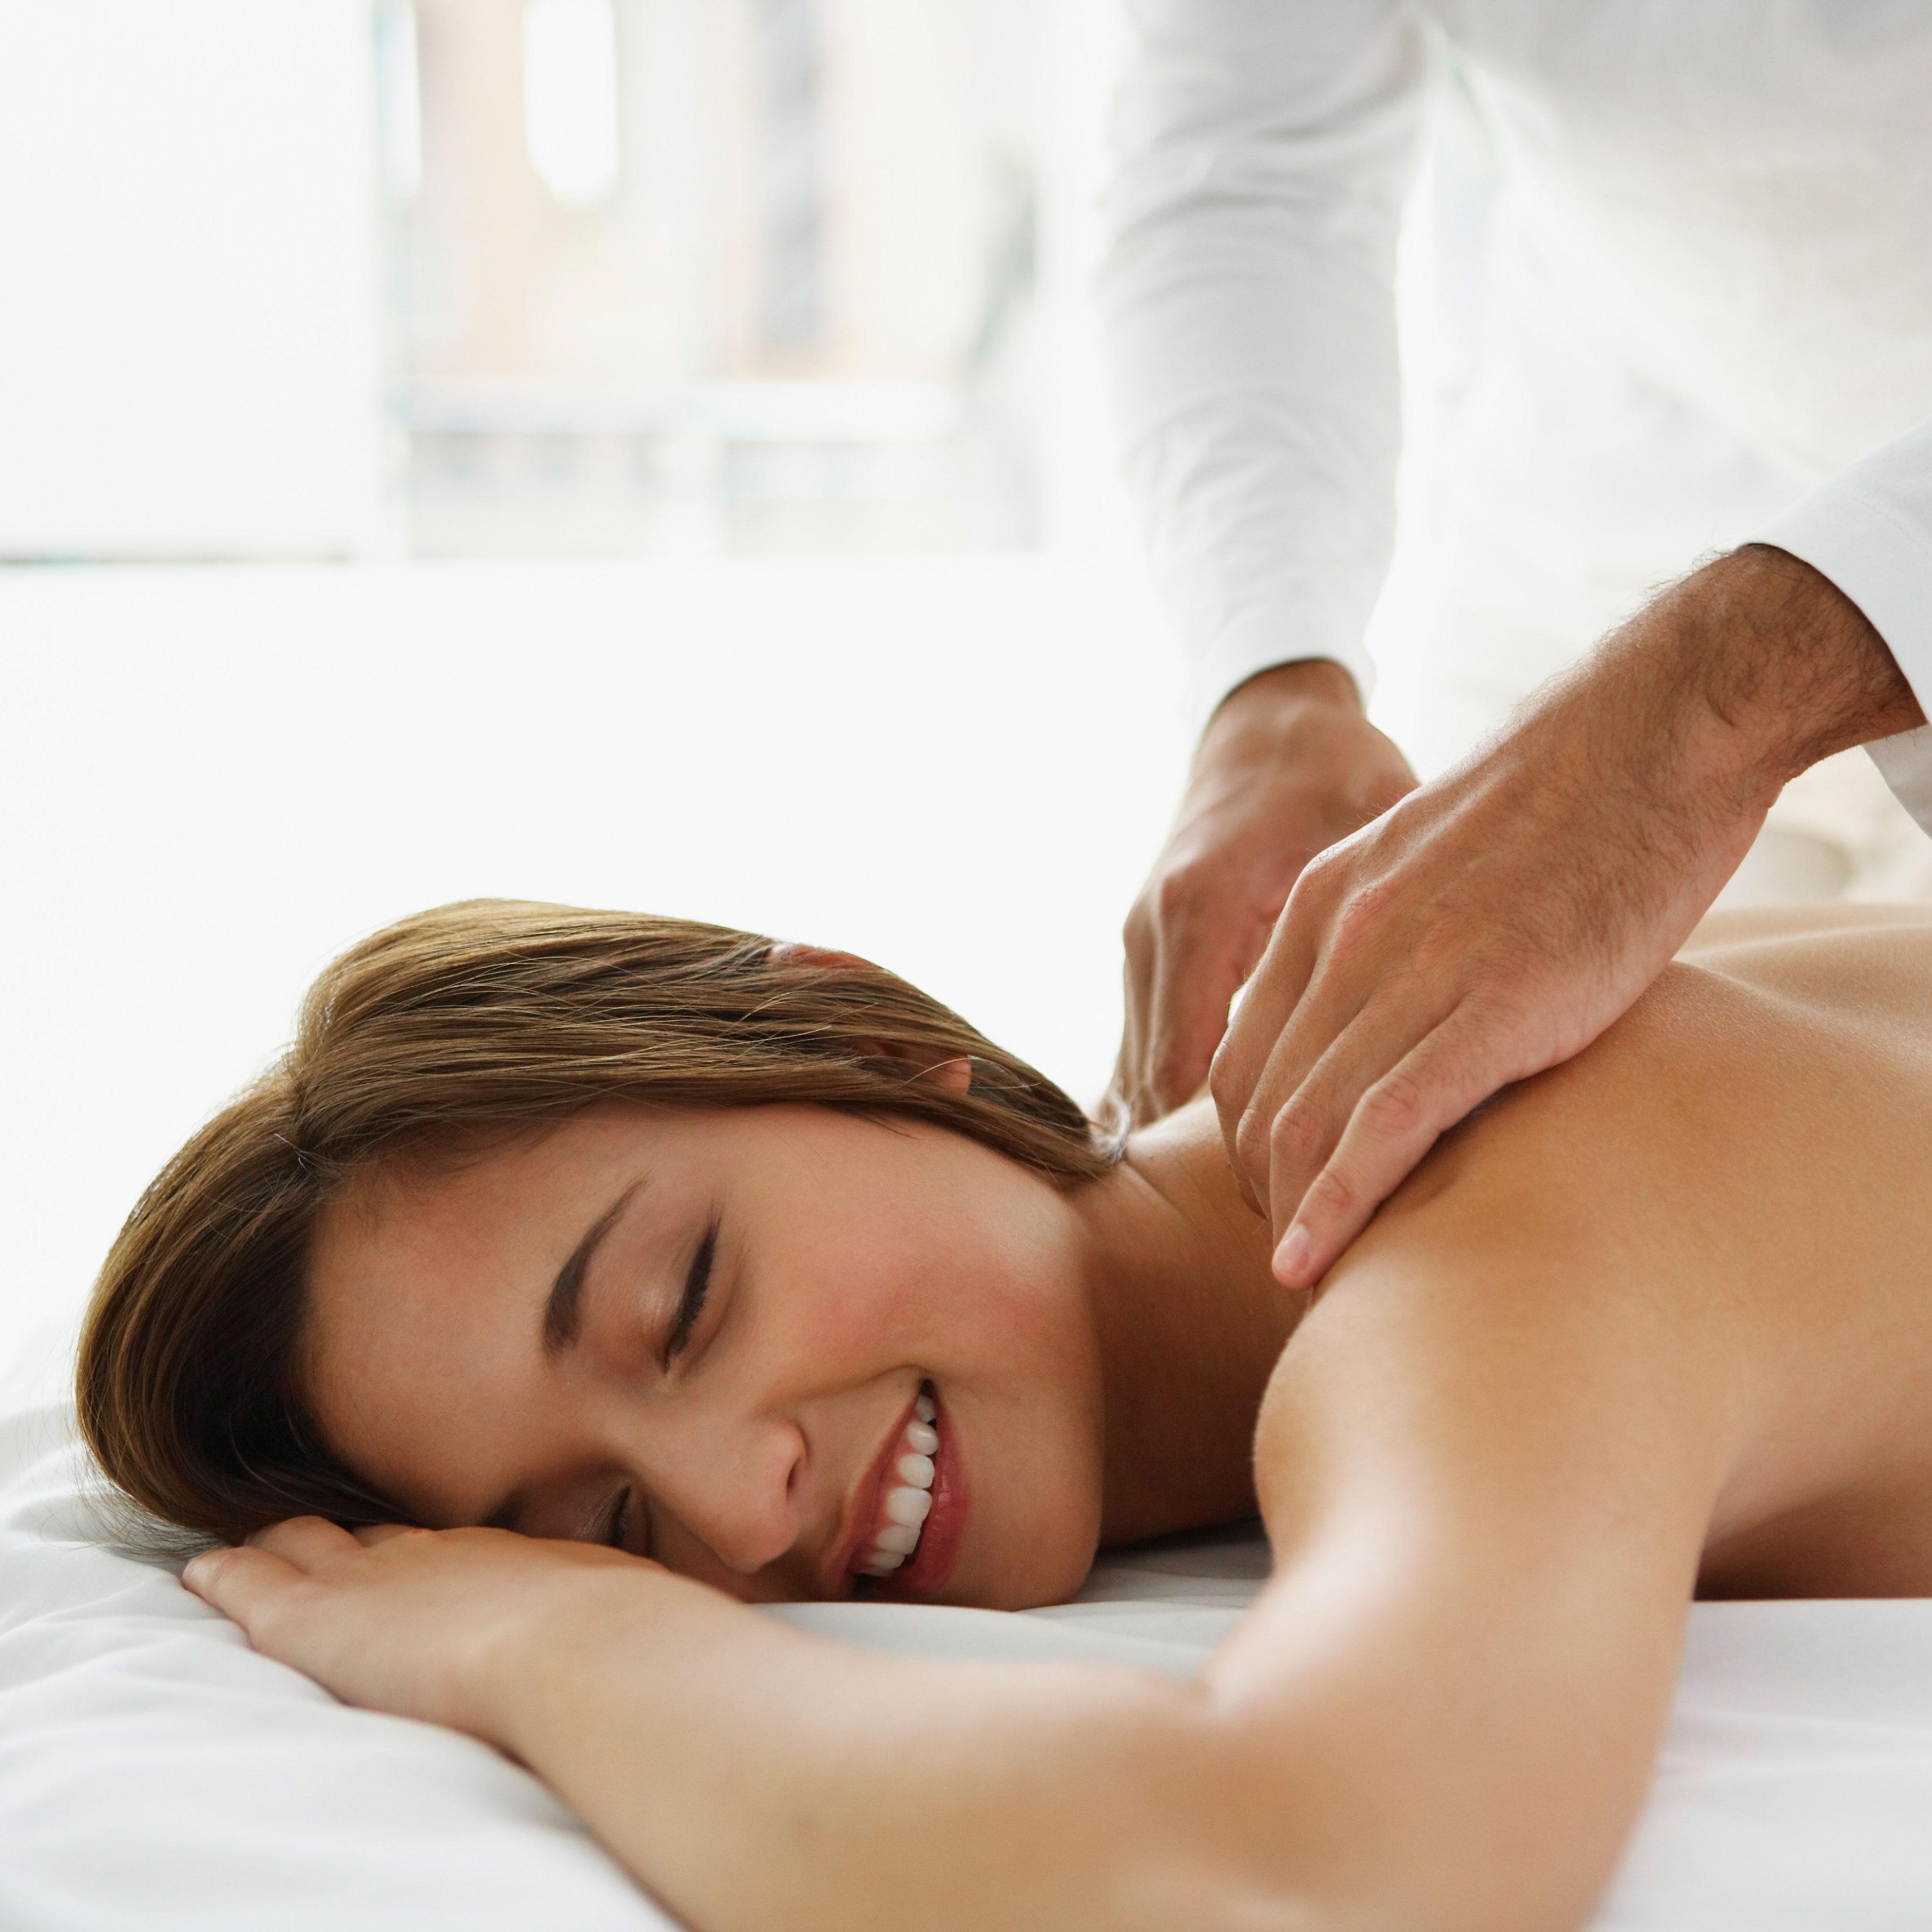 Хитрый масажист парнуха онлаен русская девочка 15 фотография